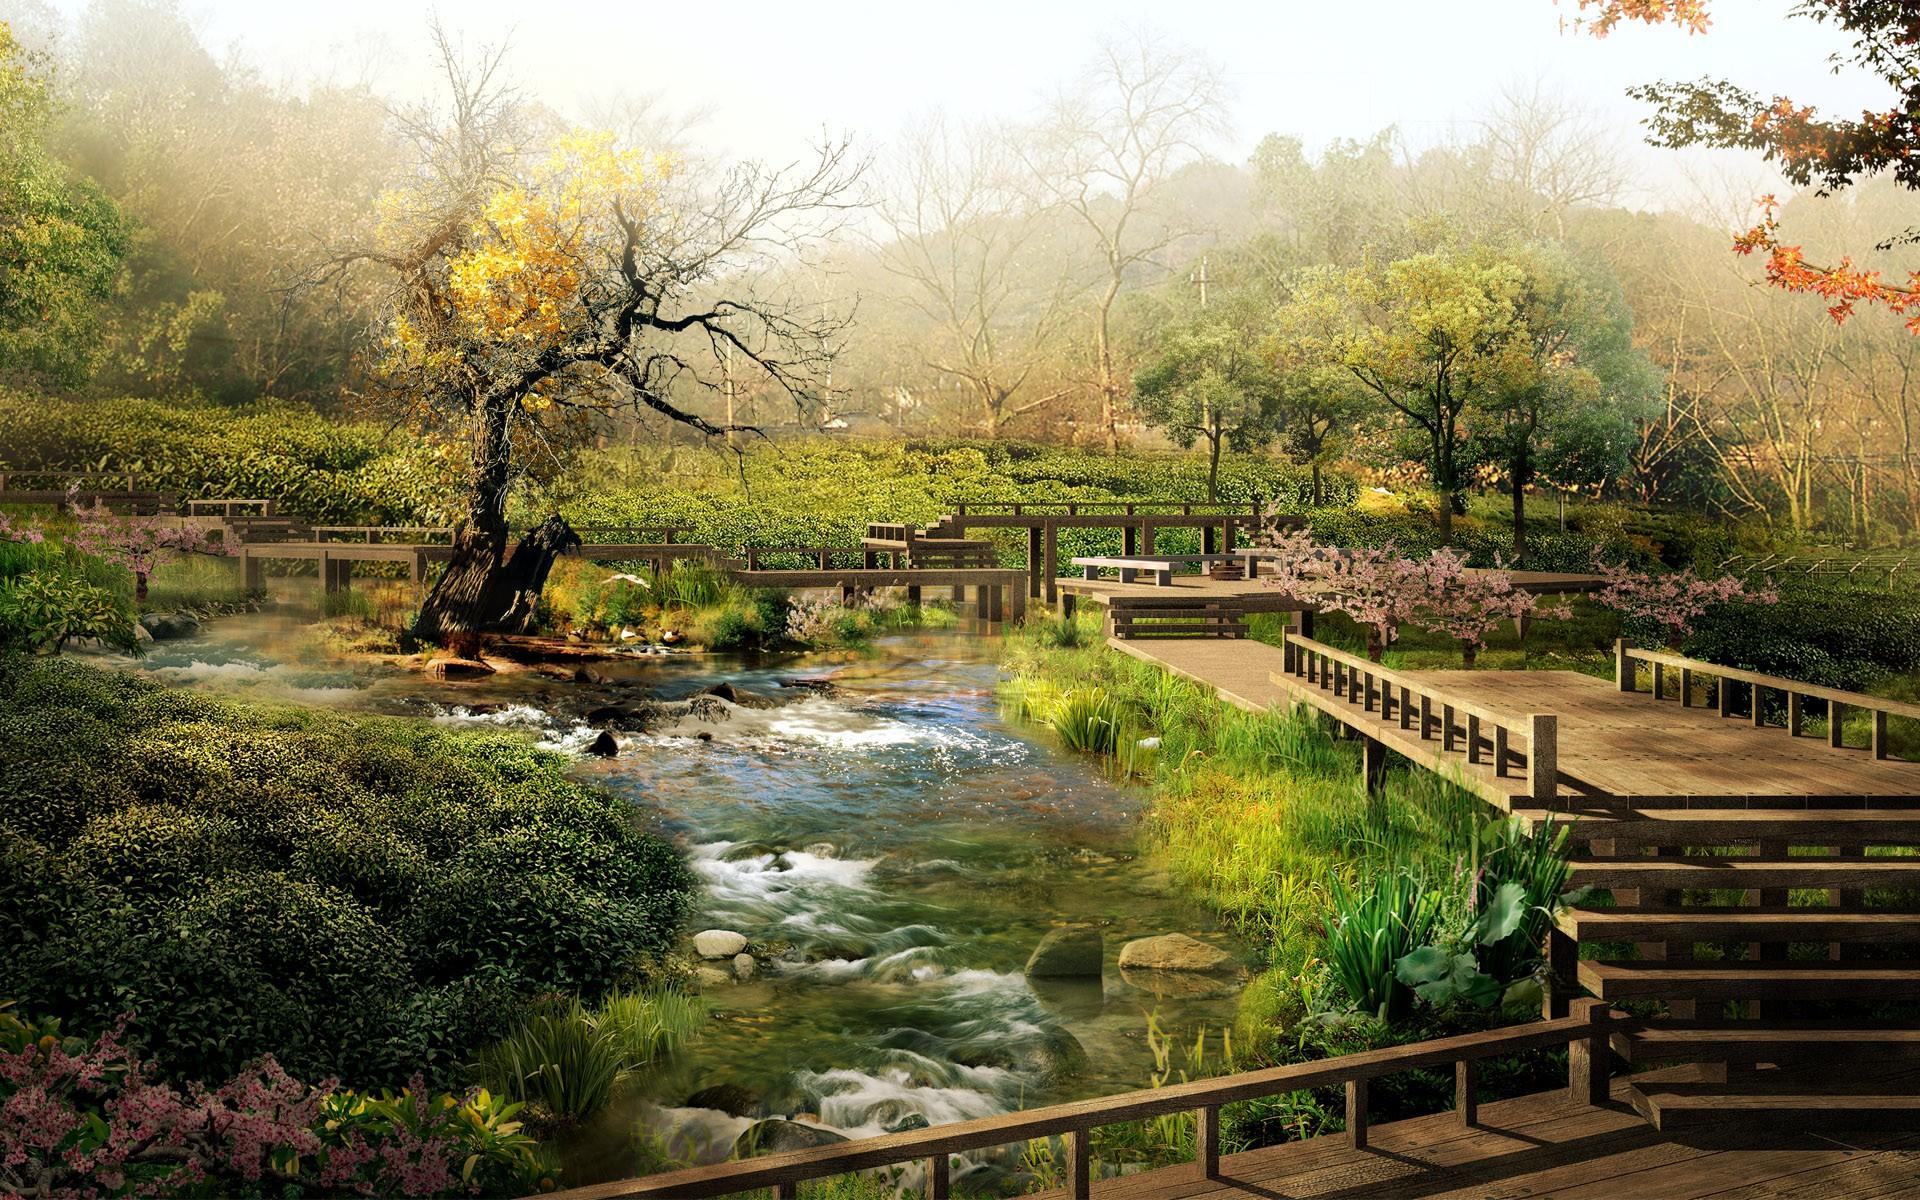 [peaceful landscape]